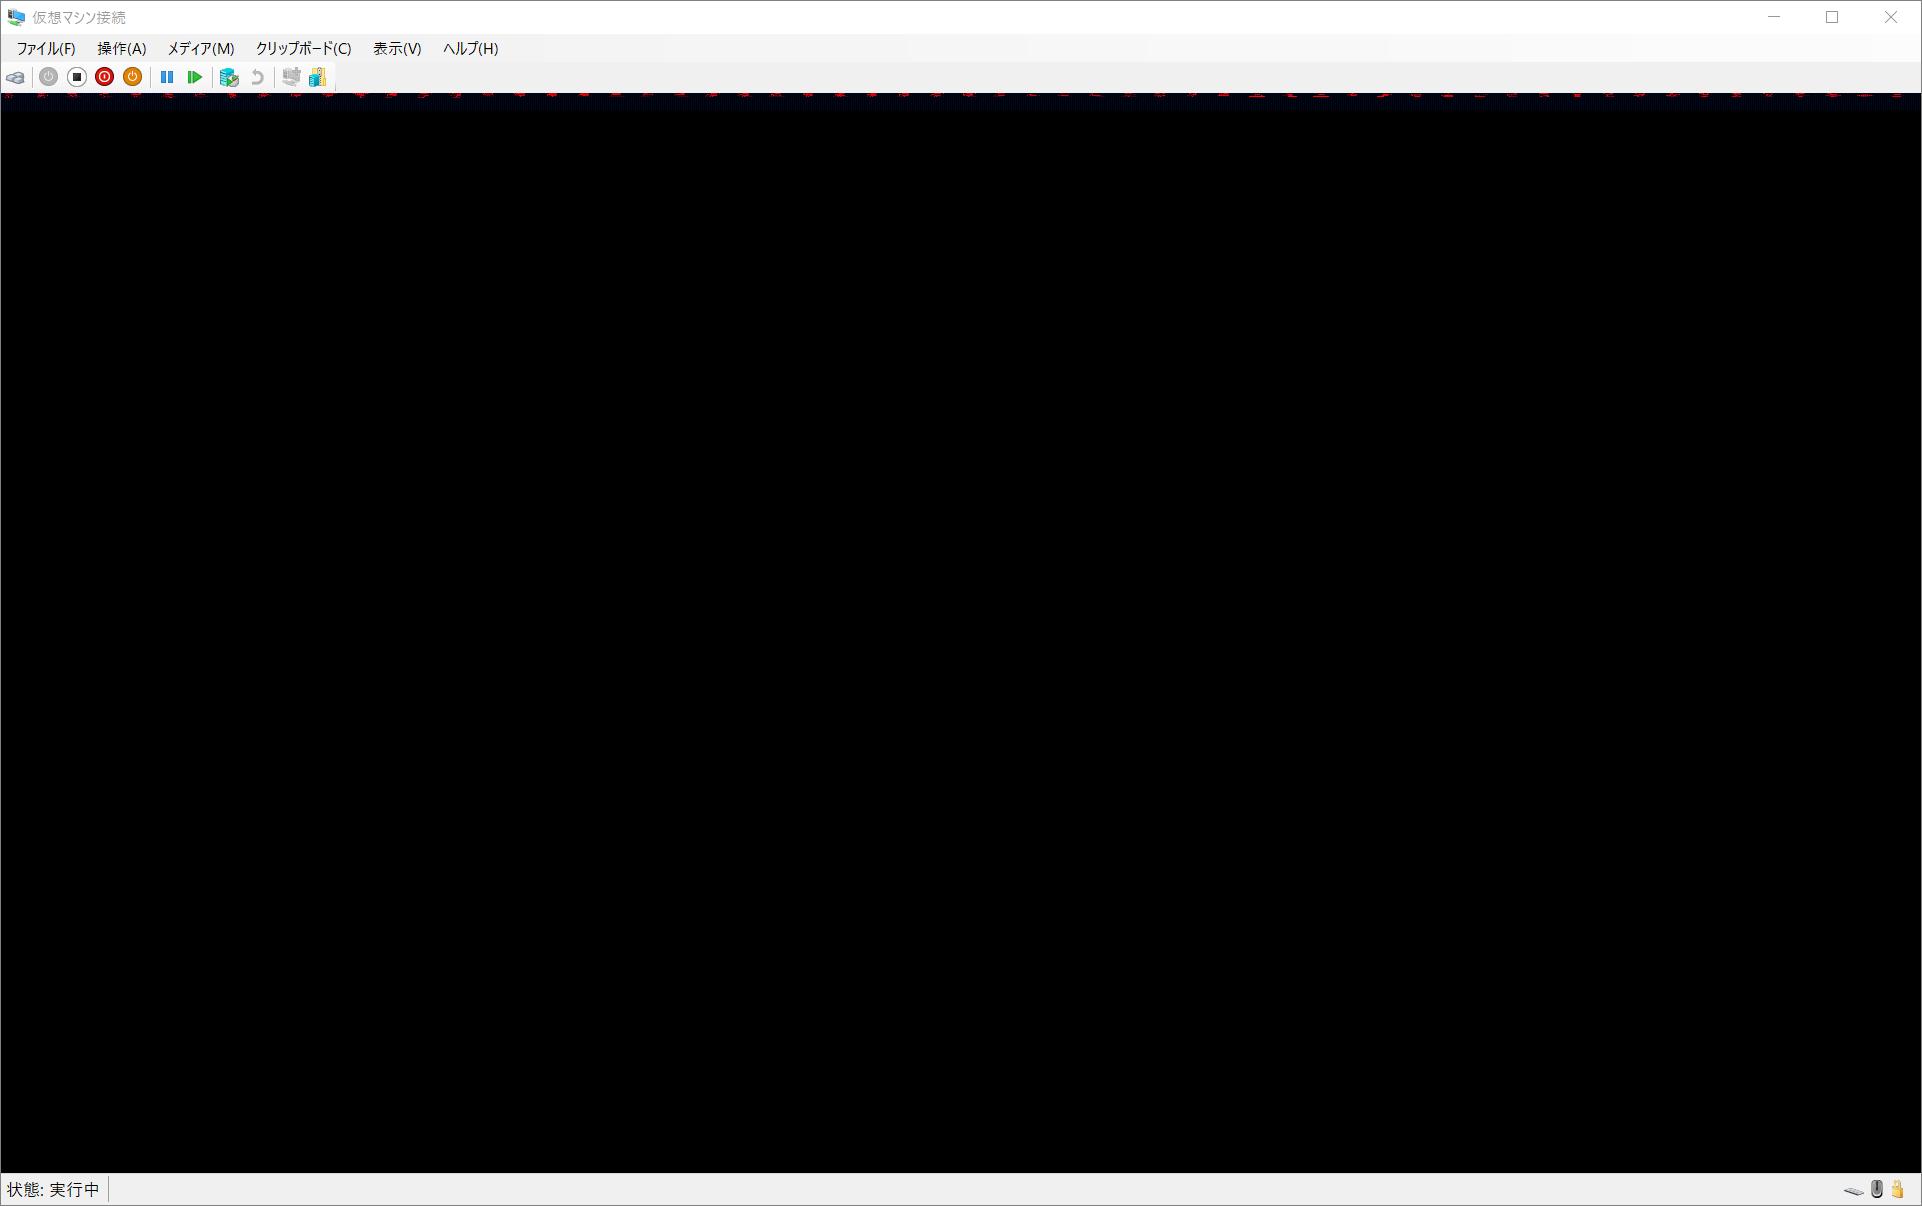 Hyper-V 上の Fedora 27 が起動時に固まったときの様子